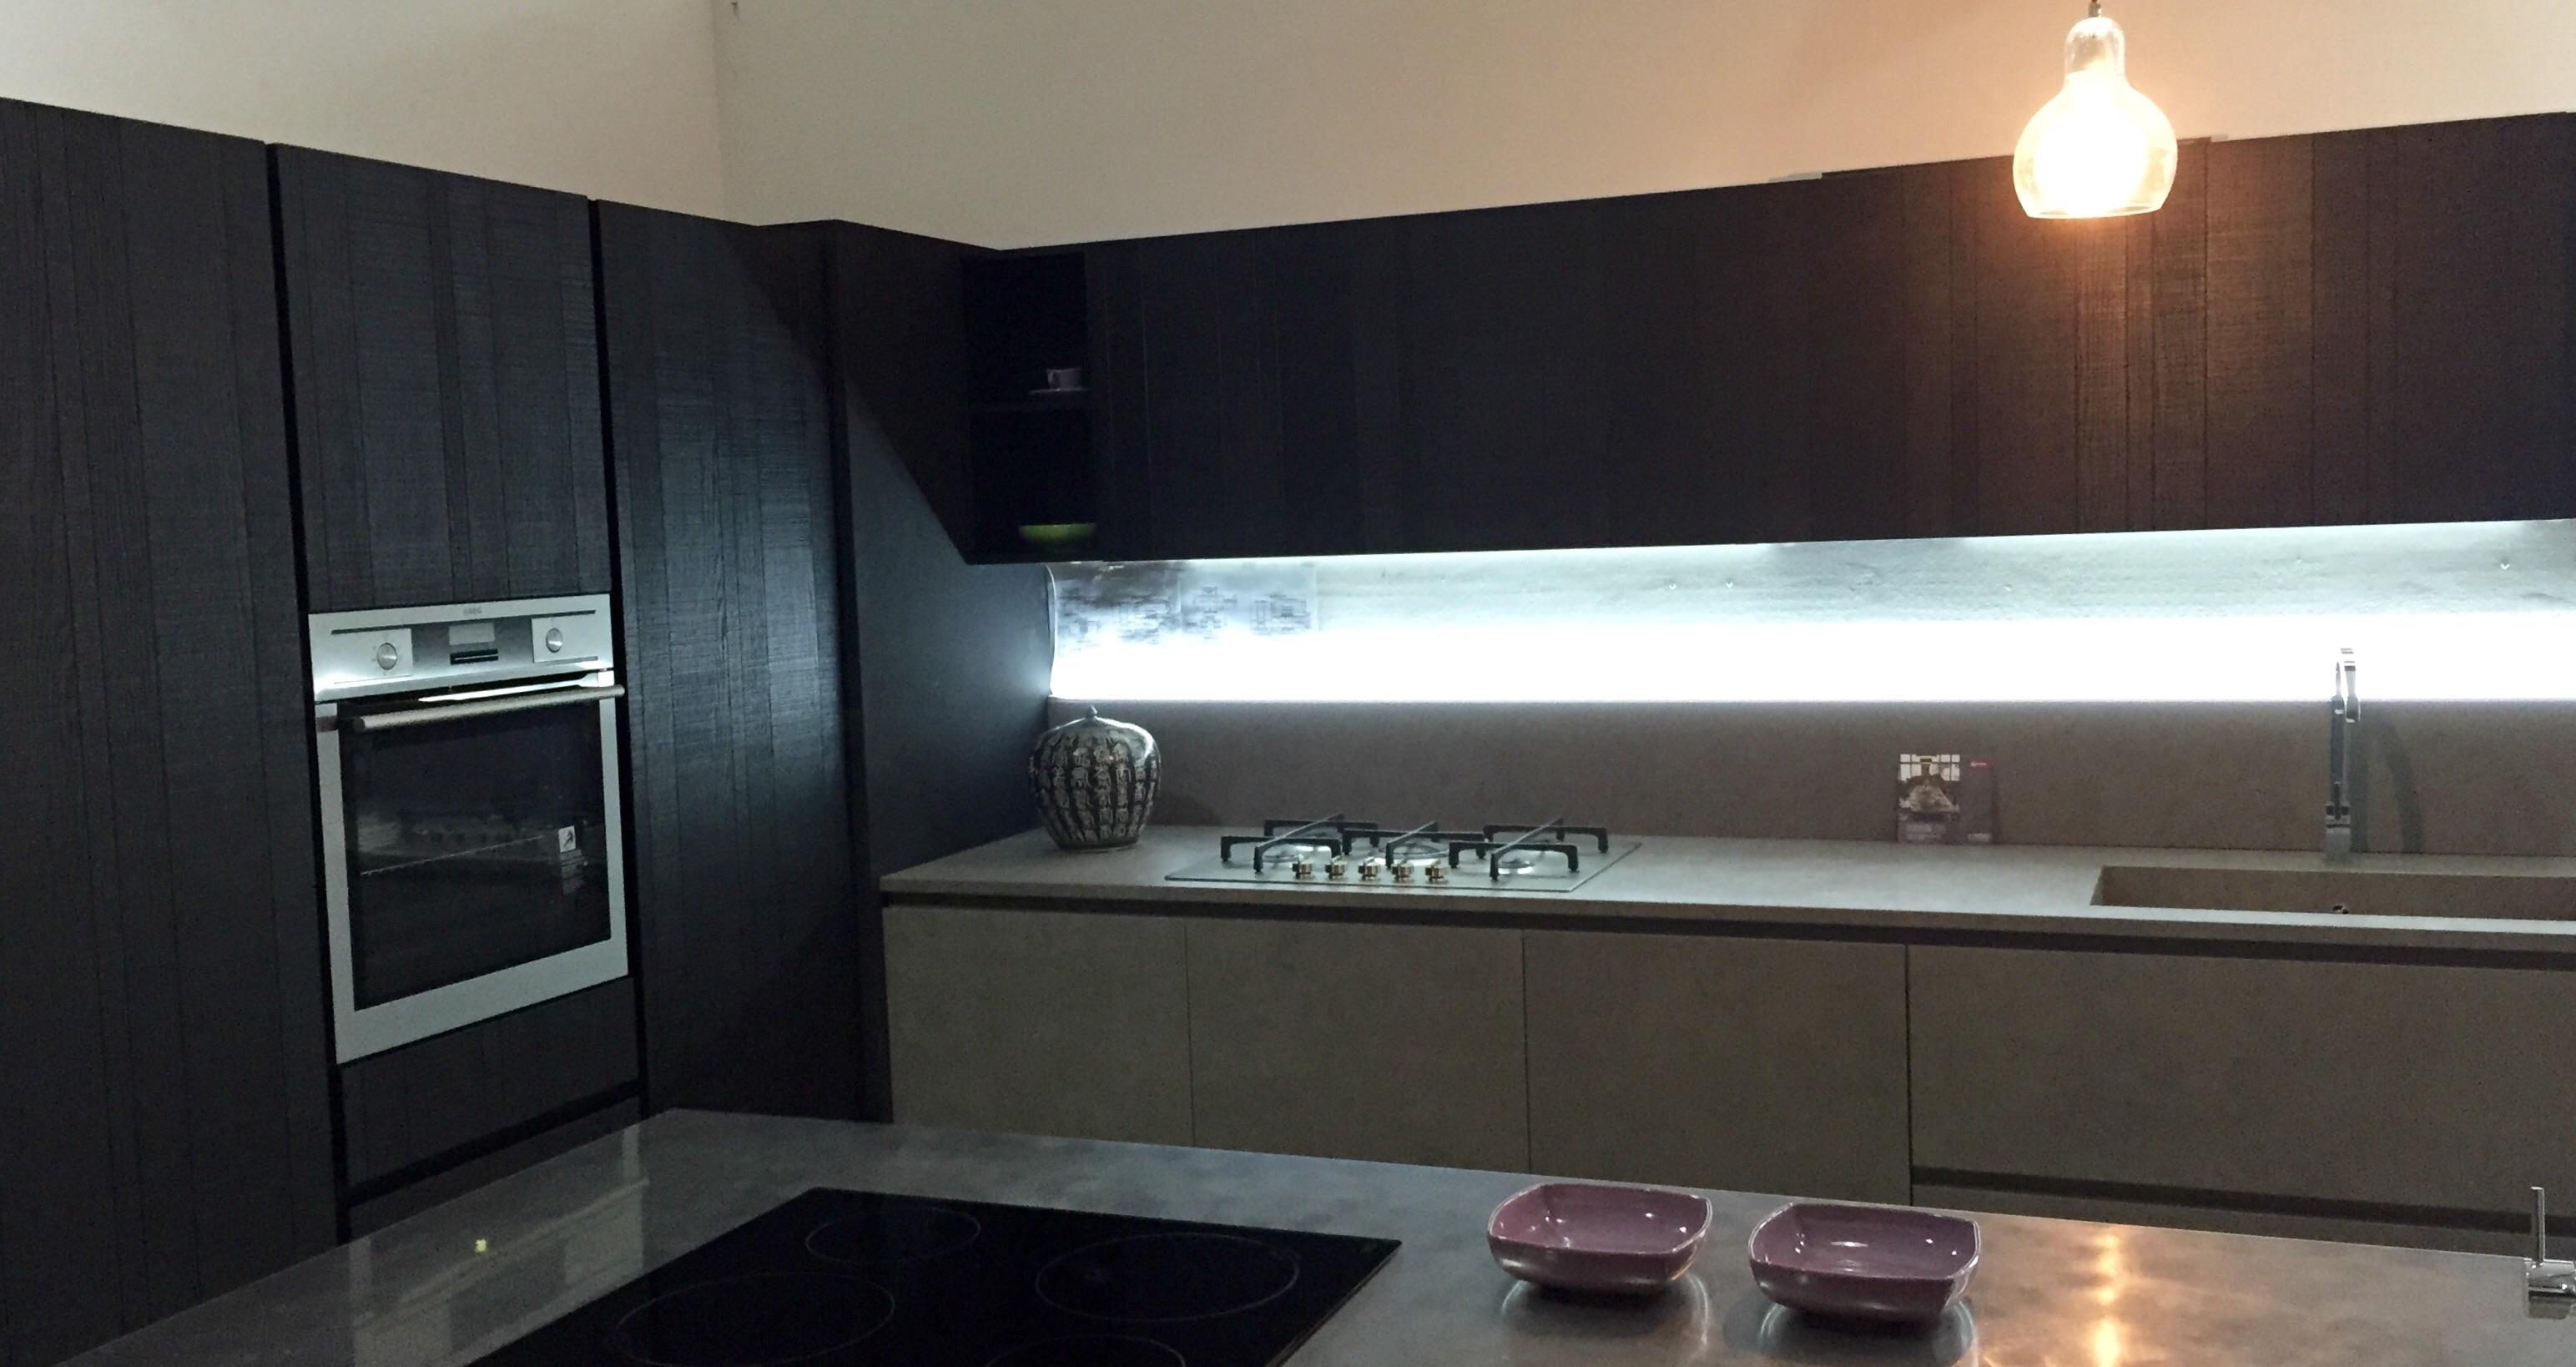 Cucina zampieri cucine glasstone y scontato del 45 - Colonne bagno mondo convenienza ...